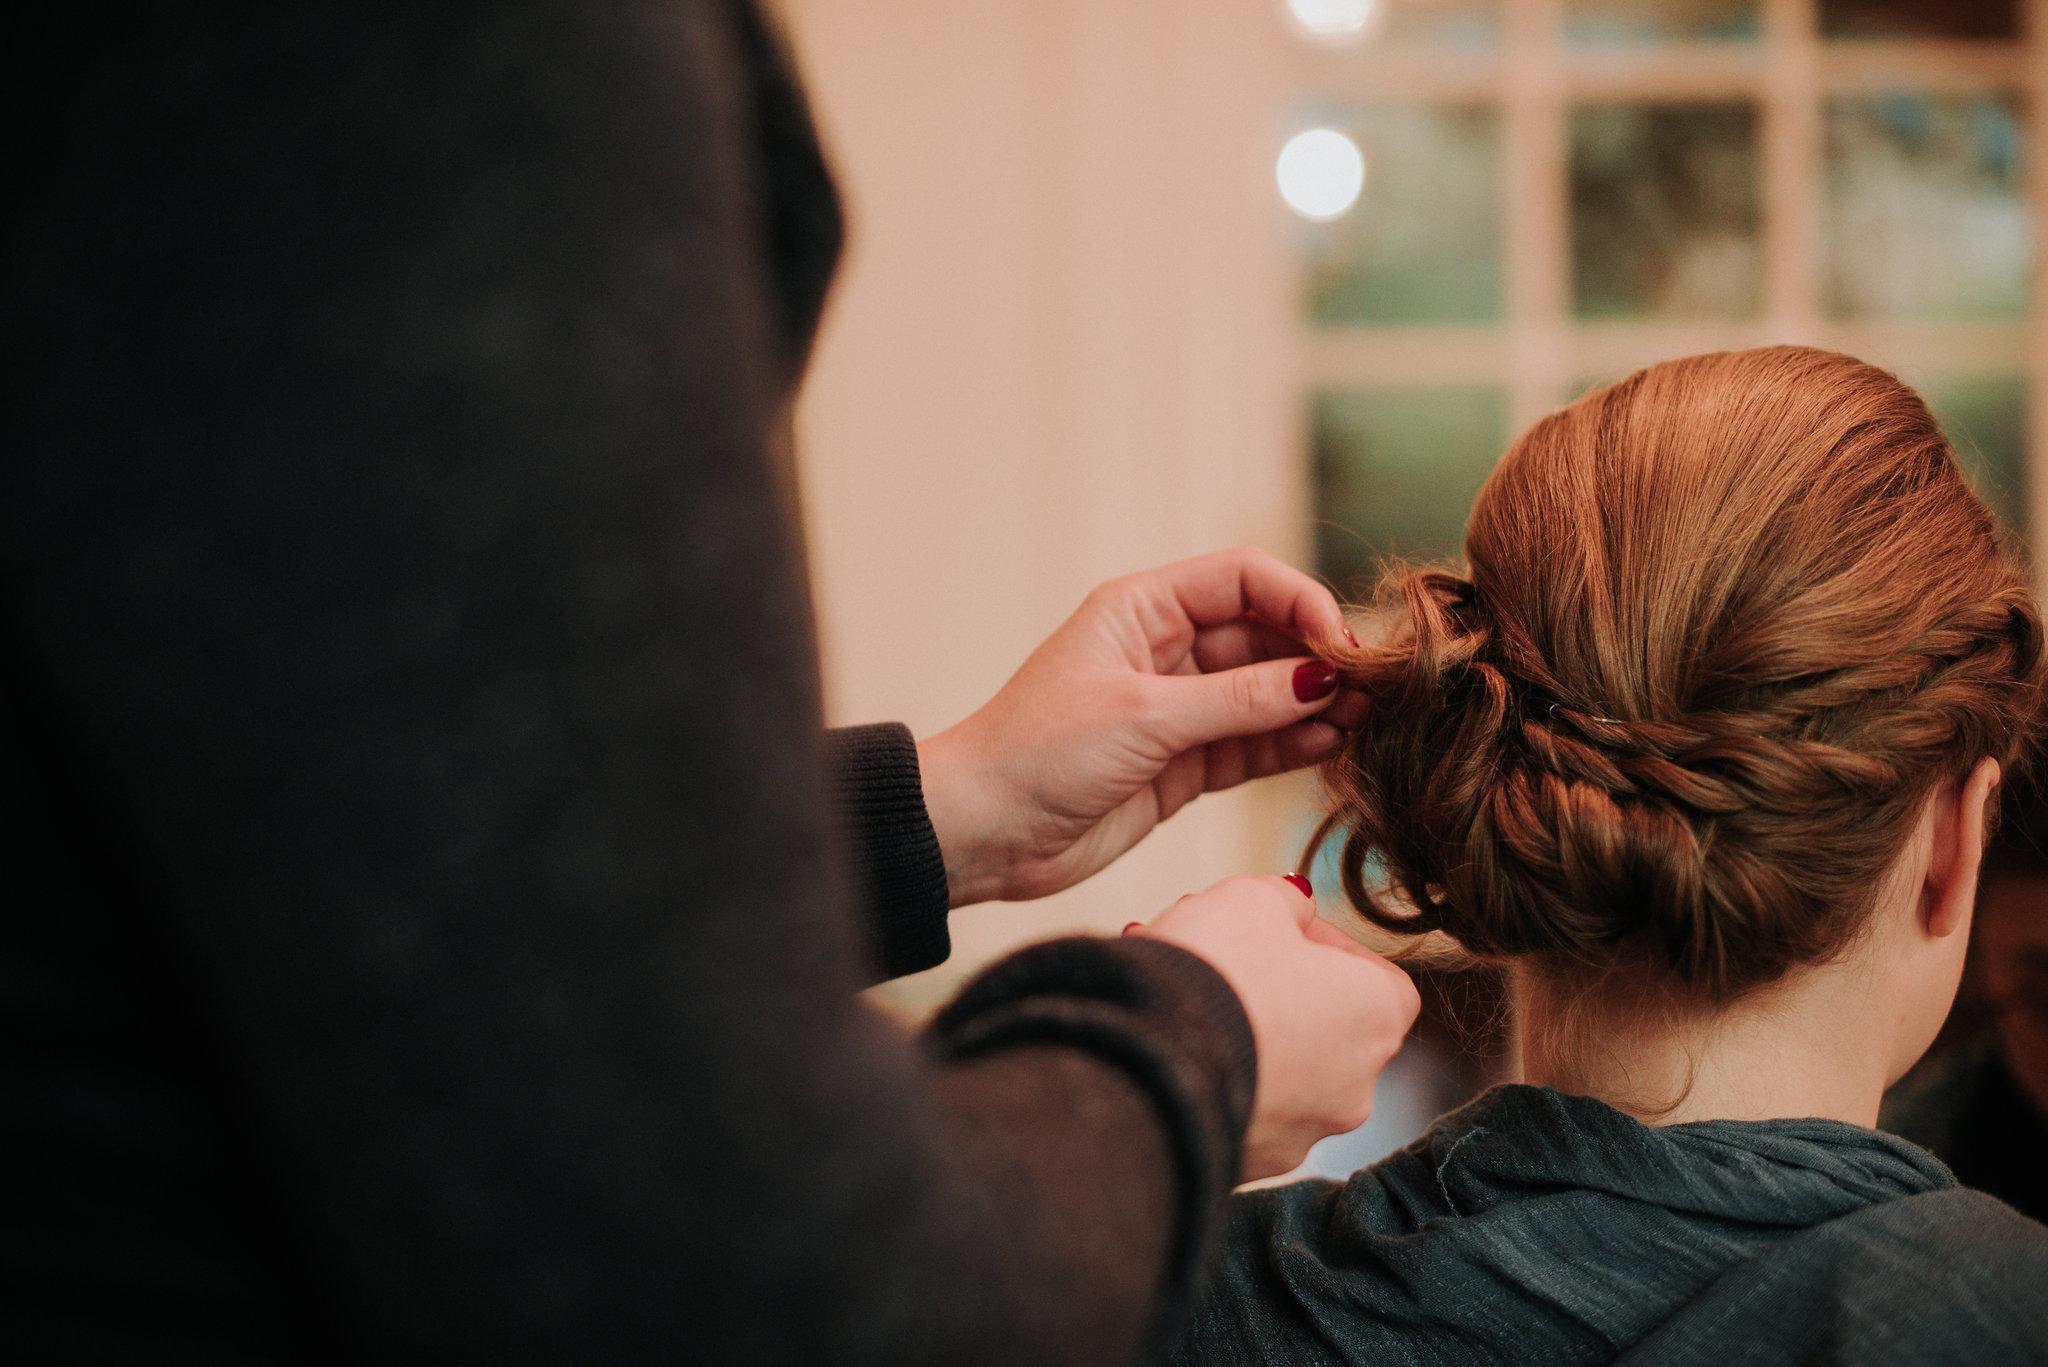 Léa-Fery-photographe-professionnel-lyon-rhone-alpes-portrait-creation-mariage-evenement-evenementiel-famille-1204.jpg